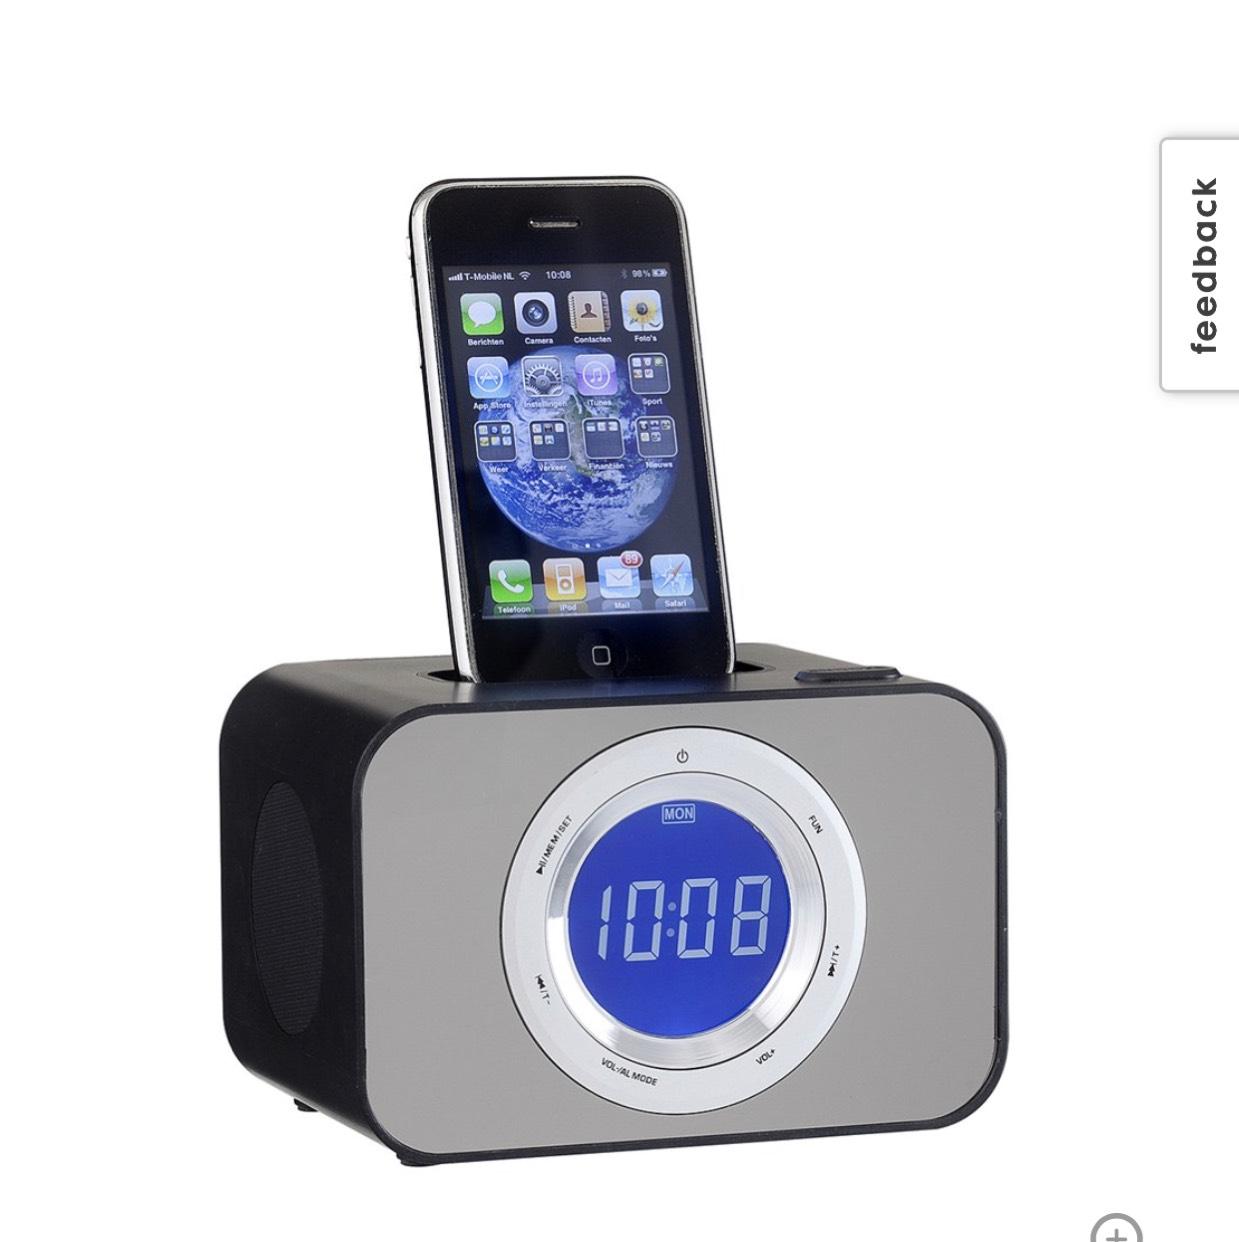 Ipod wekkerradio